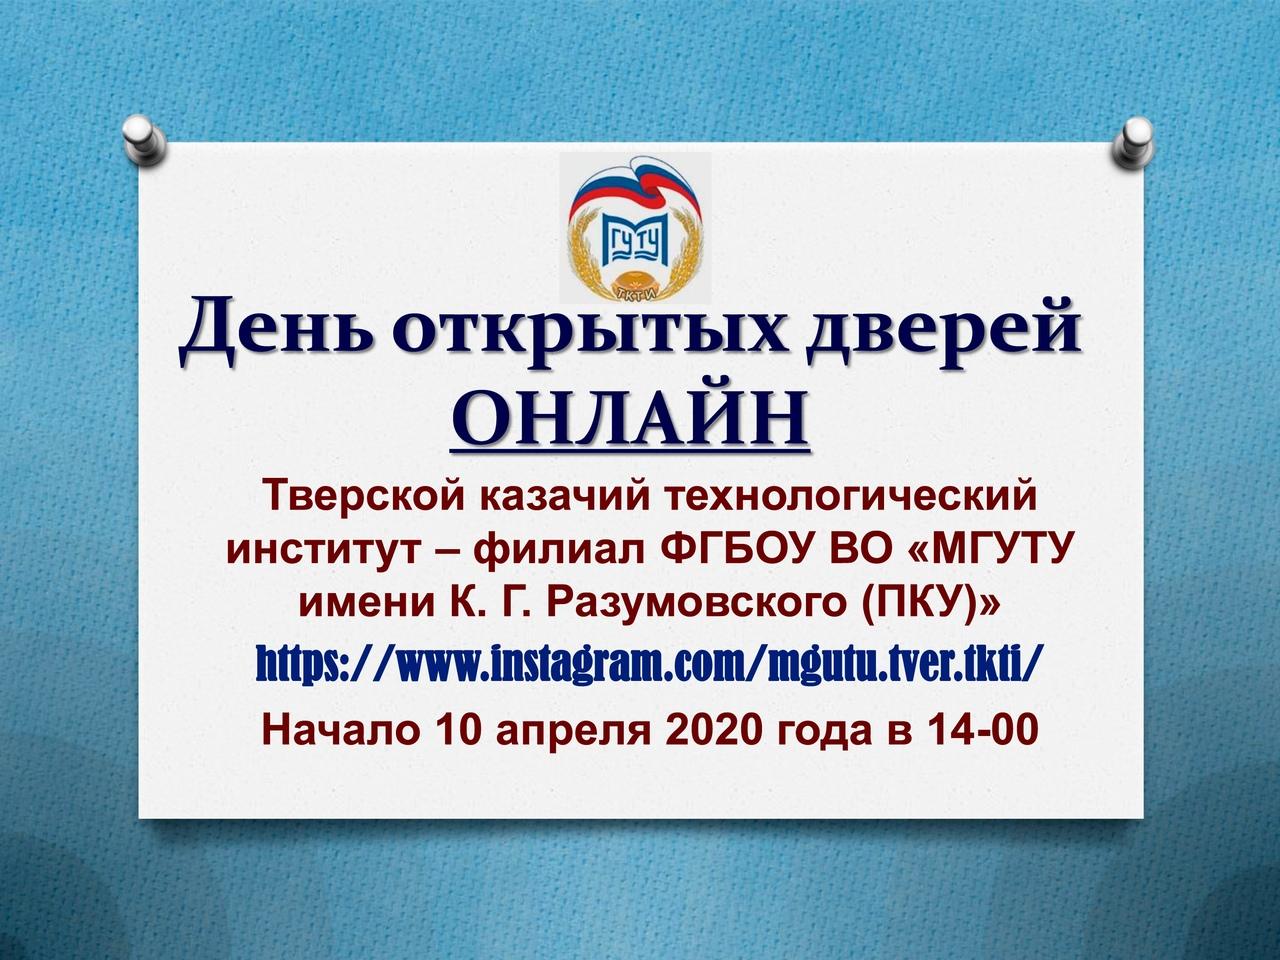 Анонс Дня открытых дверей ОНЛАЙН